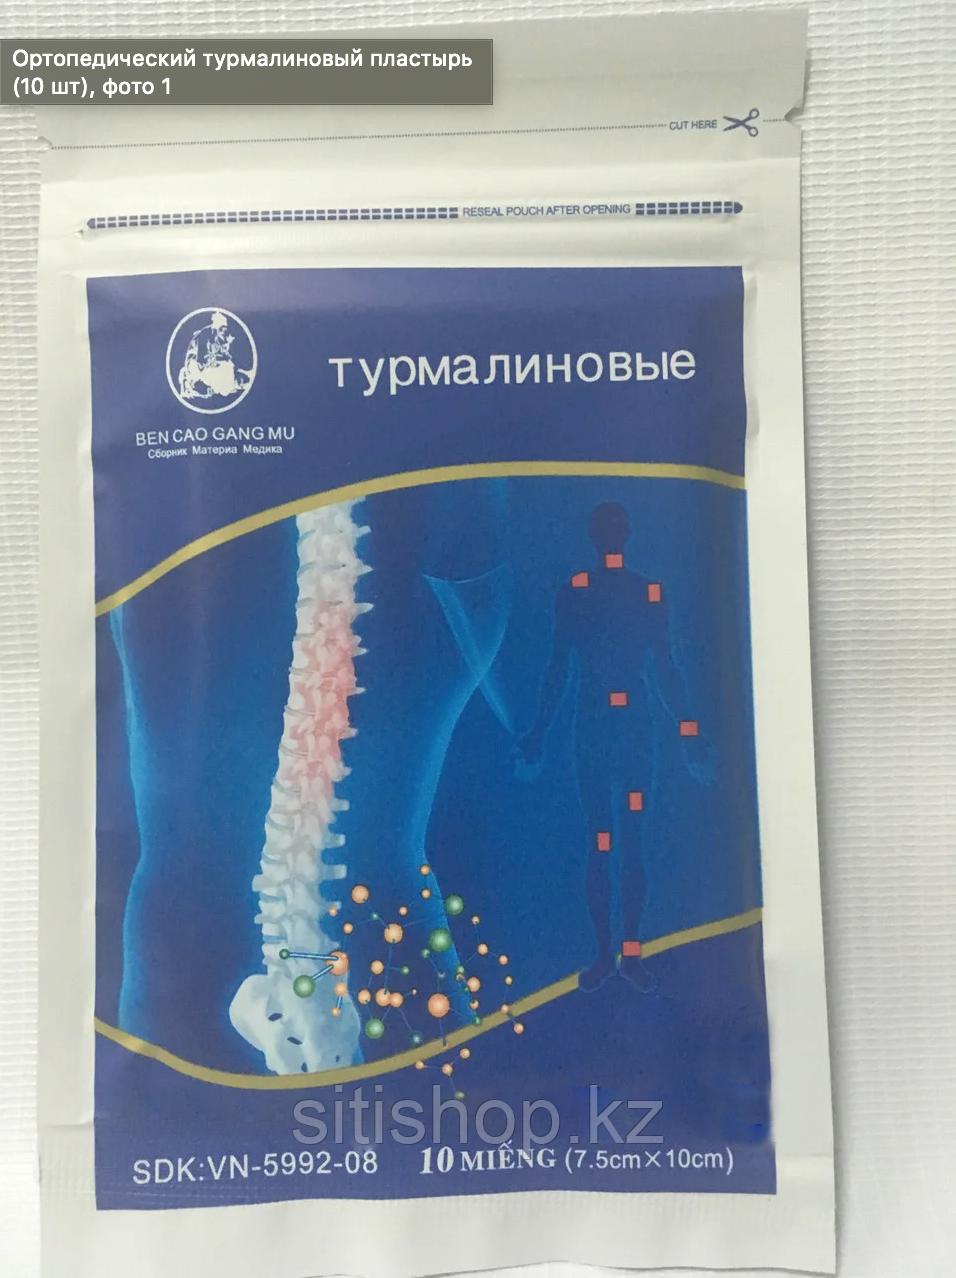 Ортопедический турмалиновый пластырь (10 штук)